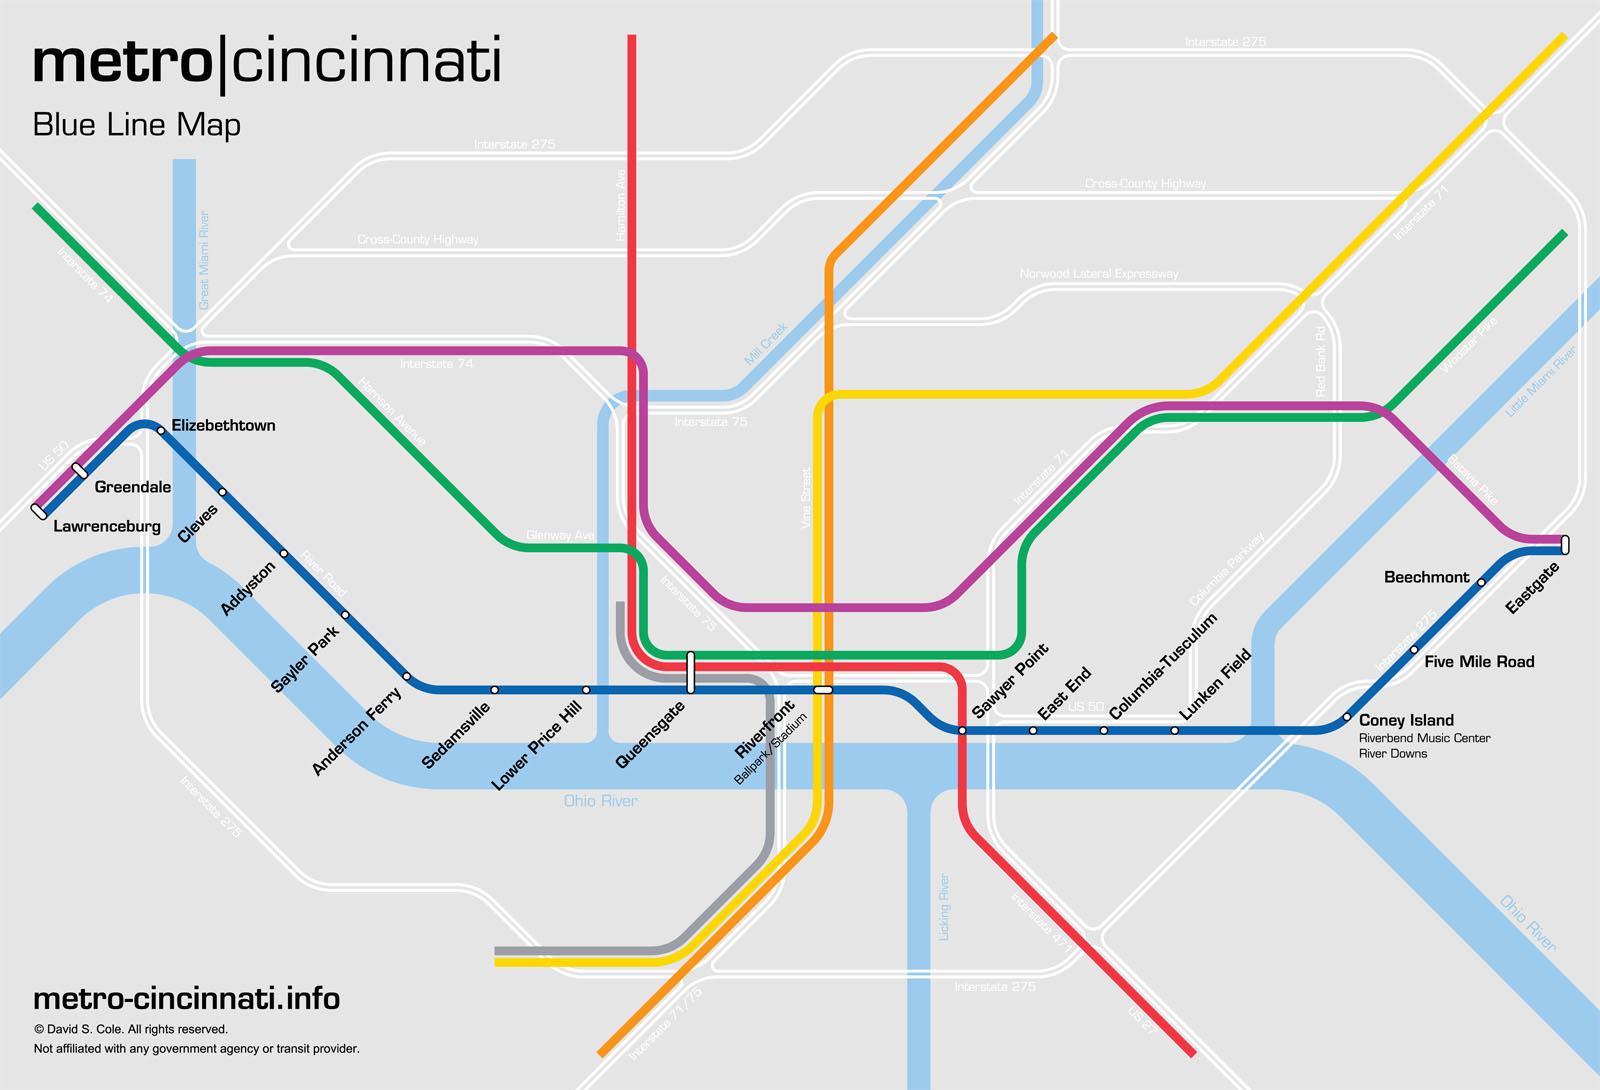 metro cincinnati Blue Line